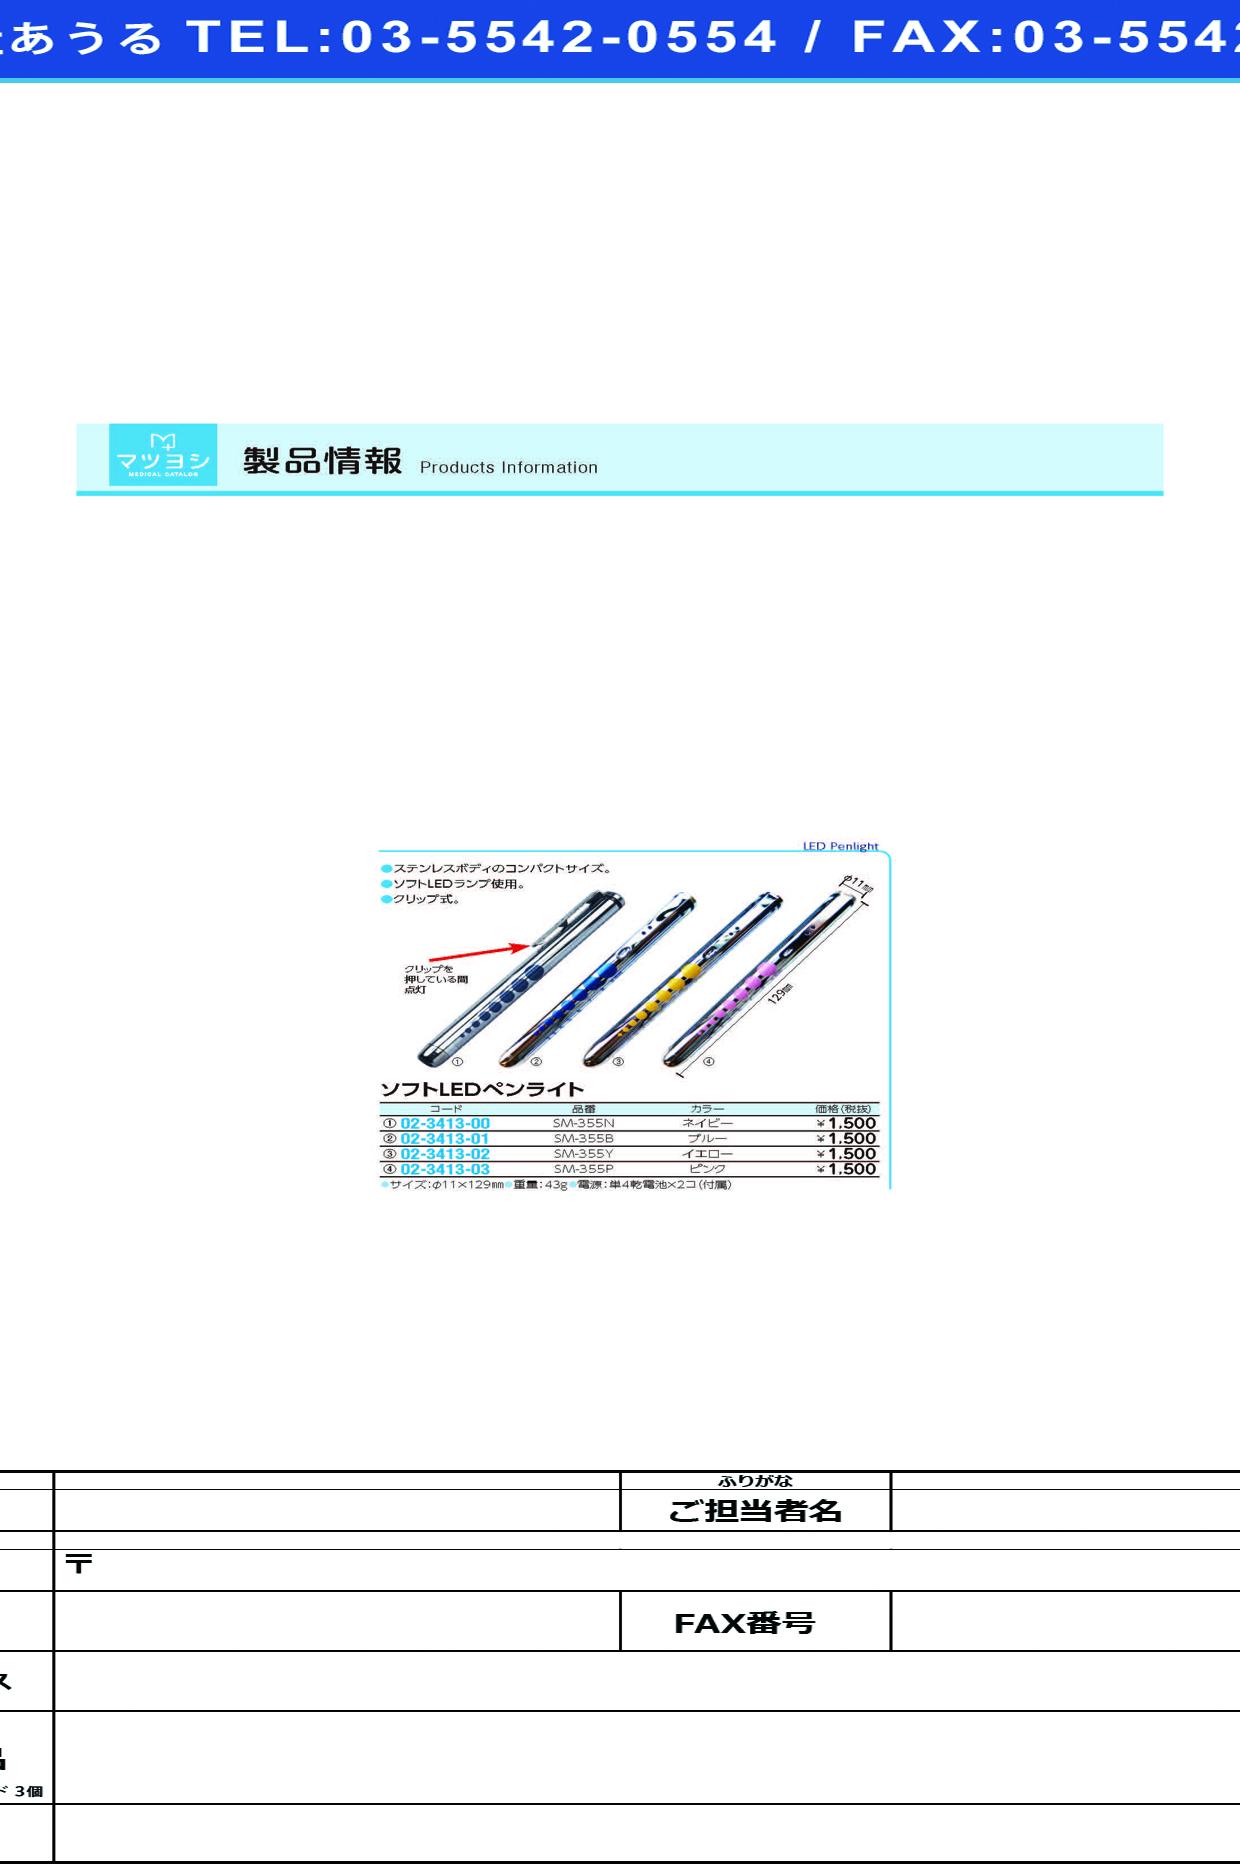 ソフトLEDペンライト(瞳孔ゲージ付 SM-355B(ブルー) ソフトLEDペンライト